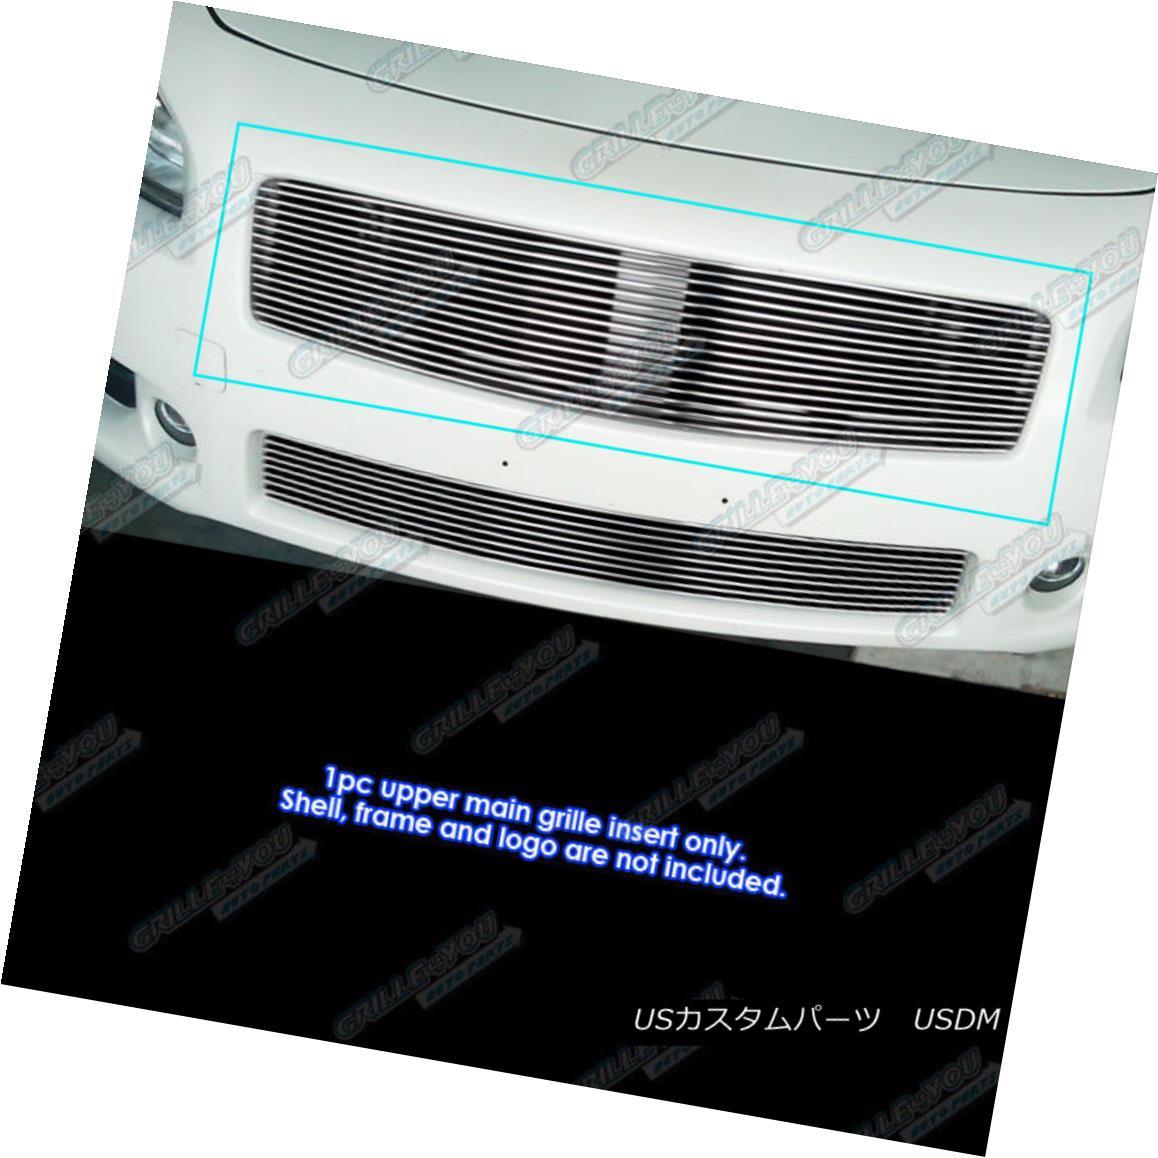 グリル Fits 2009-2014 Nissan Maxima Upper Billet Grille Grill Insert フィット2009-2014日産マキシマアッパービレットグリルグリルインサート